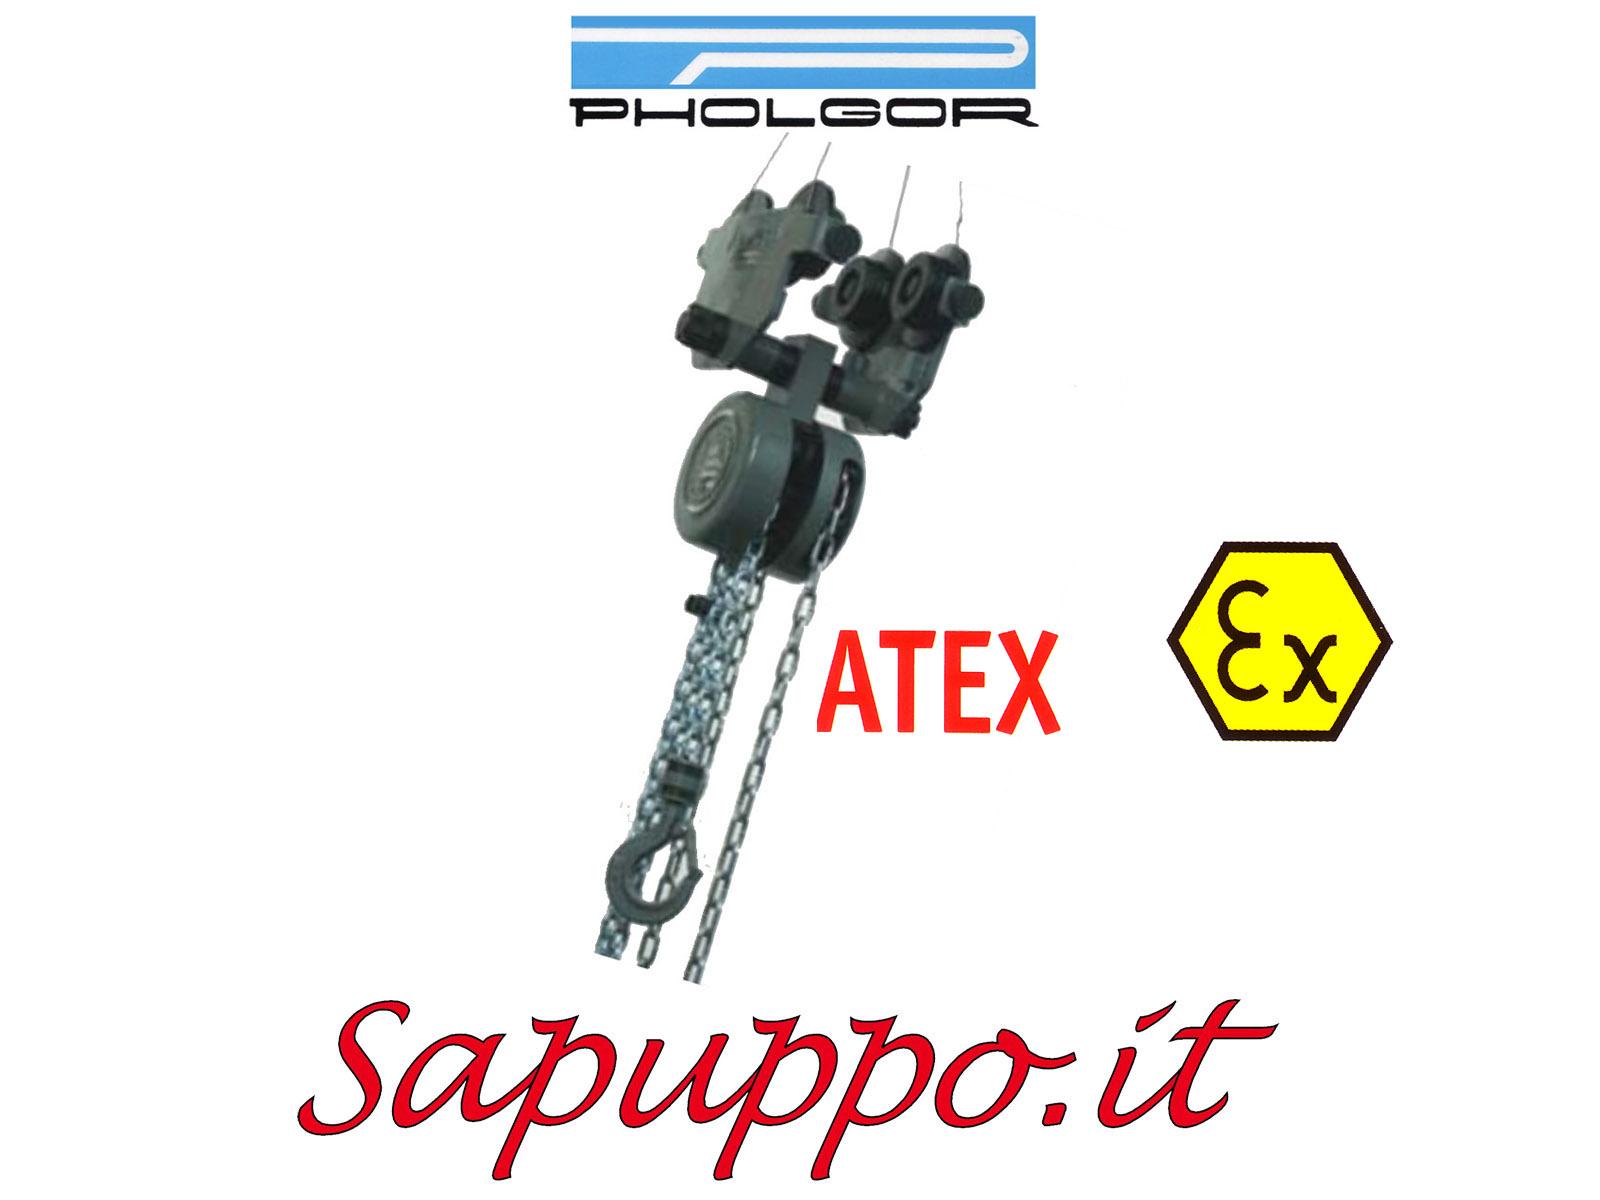 Paranco manuale combinato con carrello tipo CC-S versione speciale ATEX - PHOLGOR